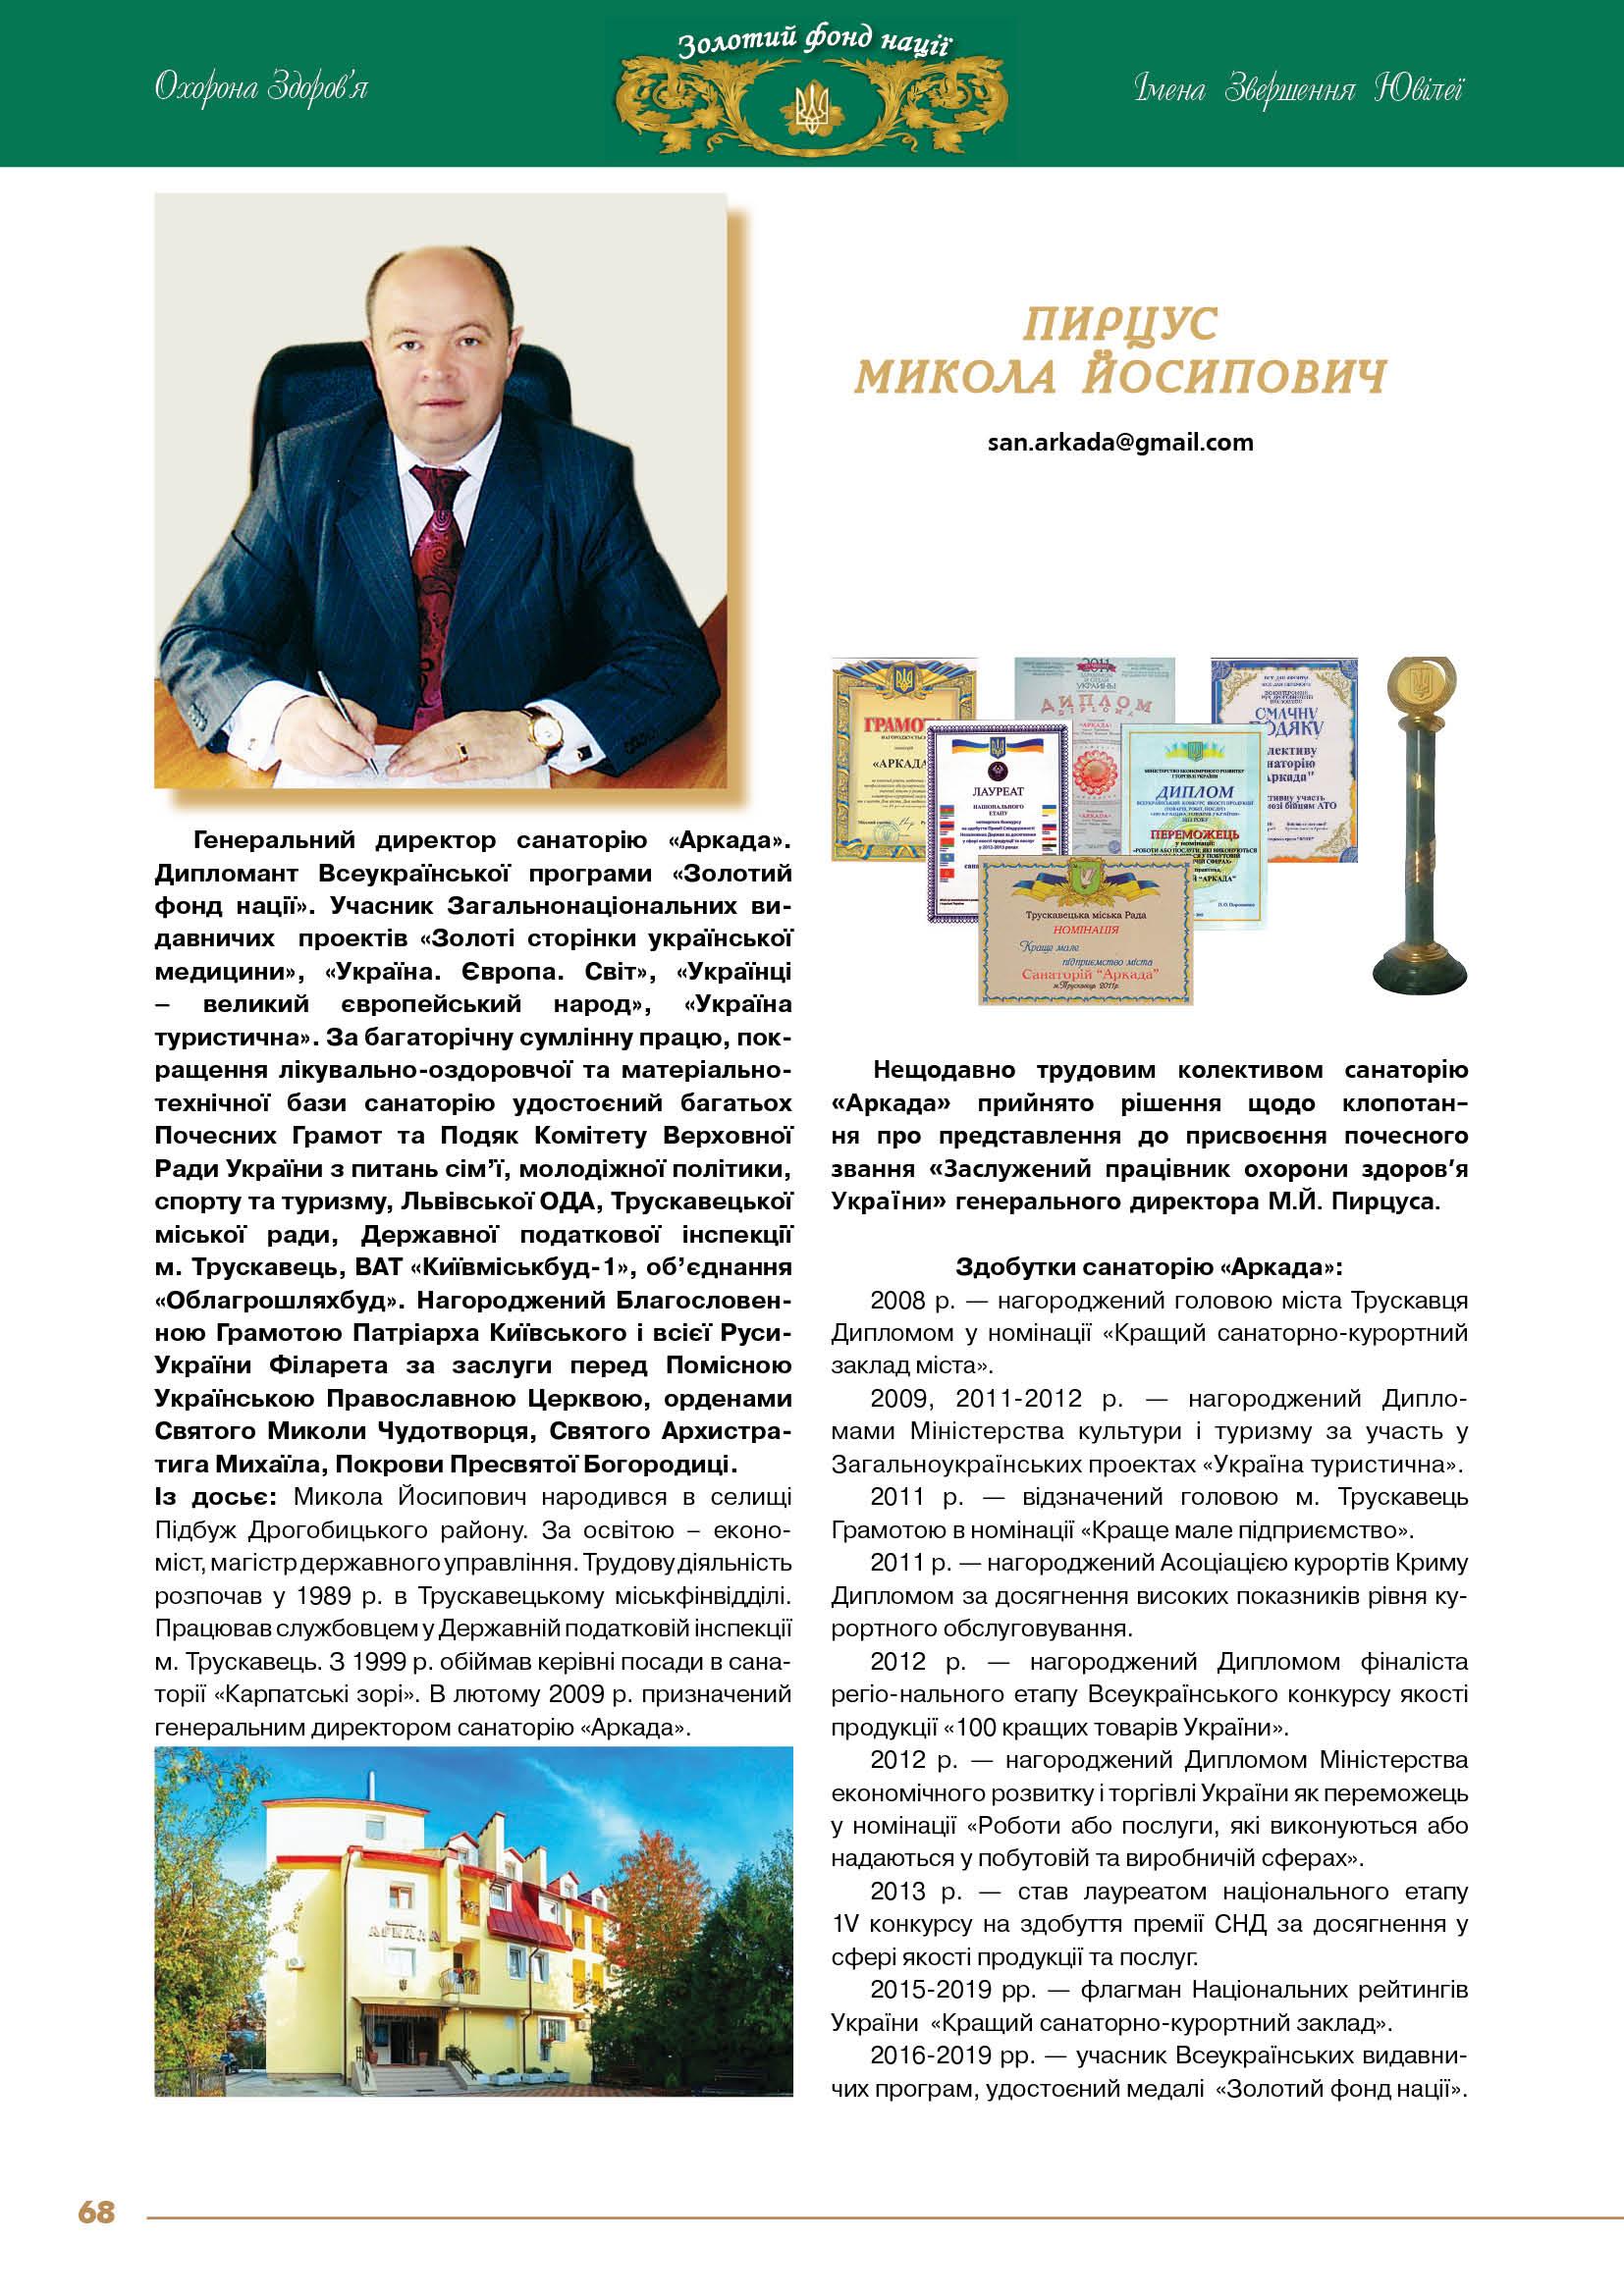 Пирцус Микола Йосипович - Лікувальна база санаторію «Аркада»